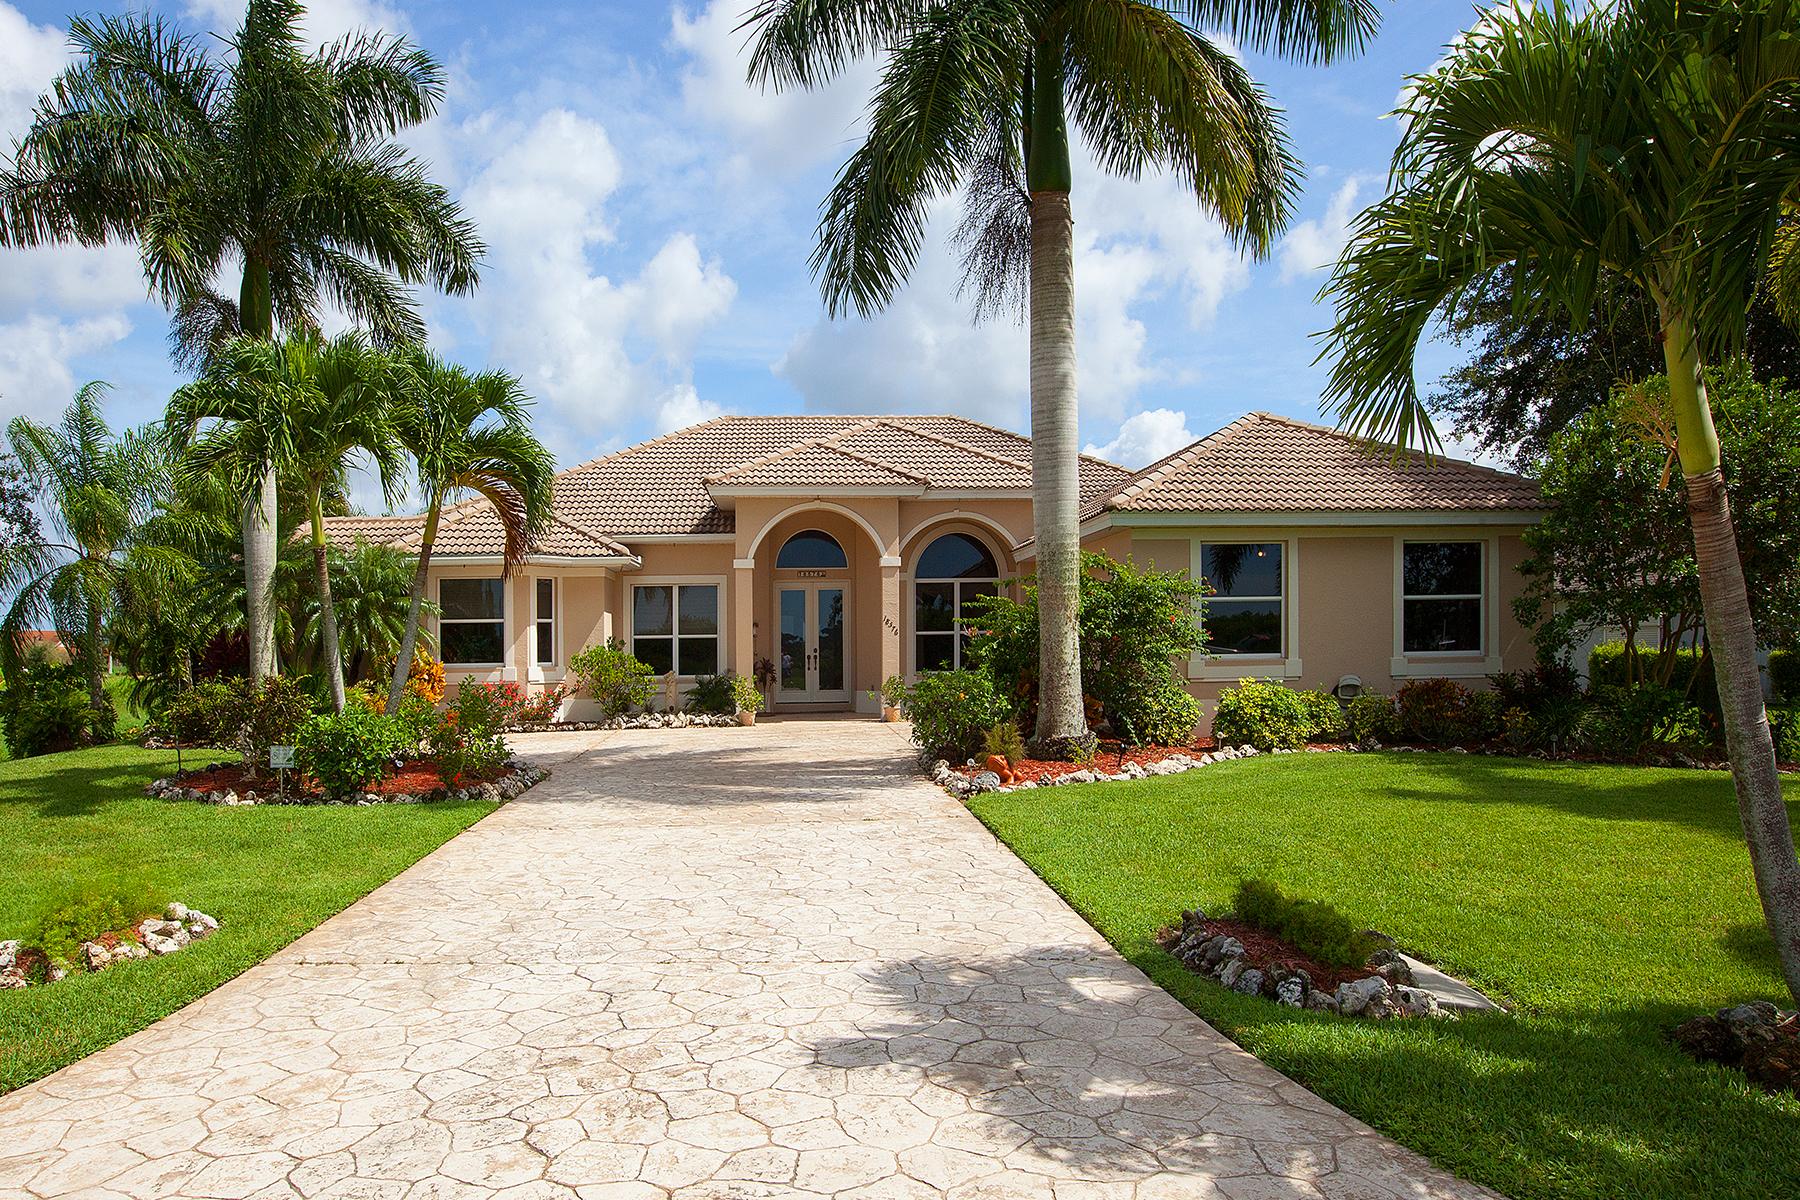 Maison unifamiliale pour l Vente à NAPLES - ROYAL PALM GOLF ESTATES 18576 Royal Hammock Blvd Naples, Florida 34114 États-Unis